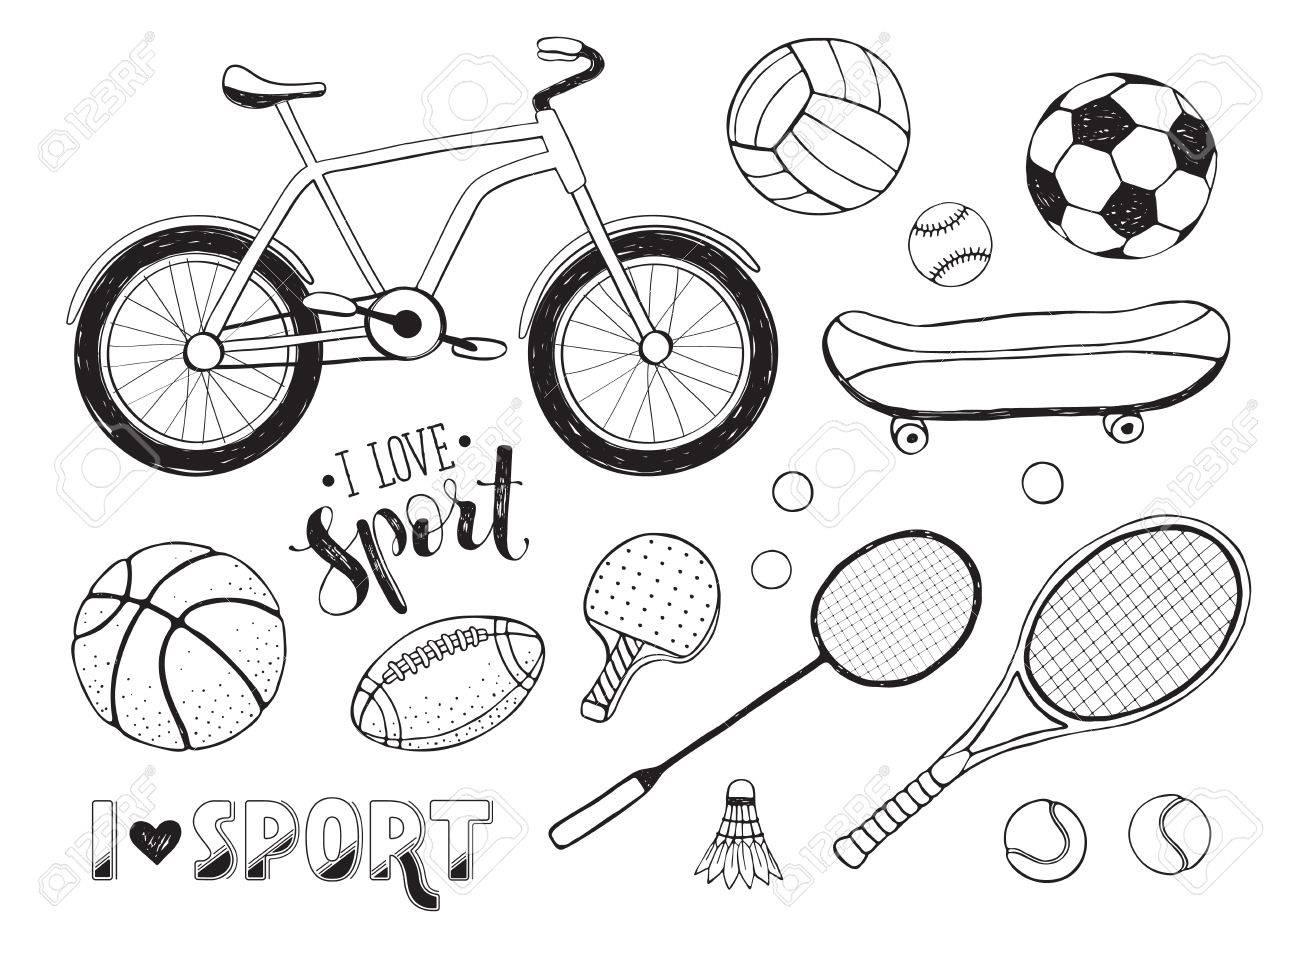 Recogida De Material De Deporte Del Vector Ilustración De Artículos Deportivos Doodle Por Un Libro Para Colorear Dibujado A Mano Balones De Deporte